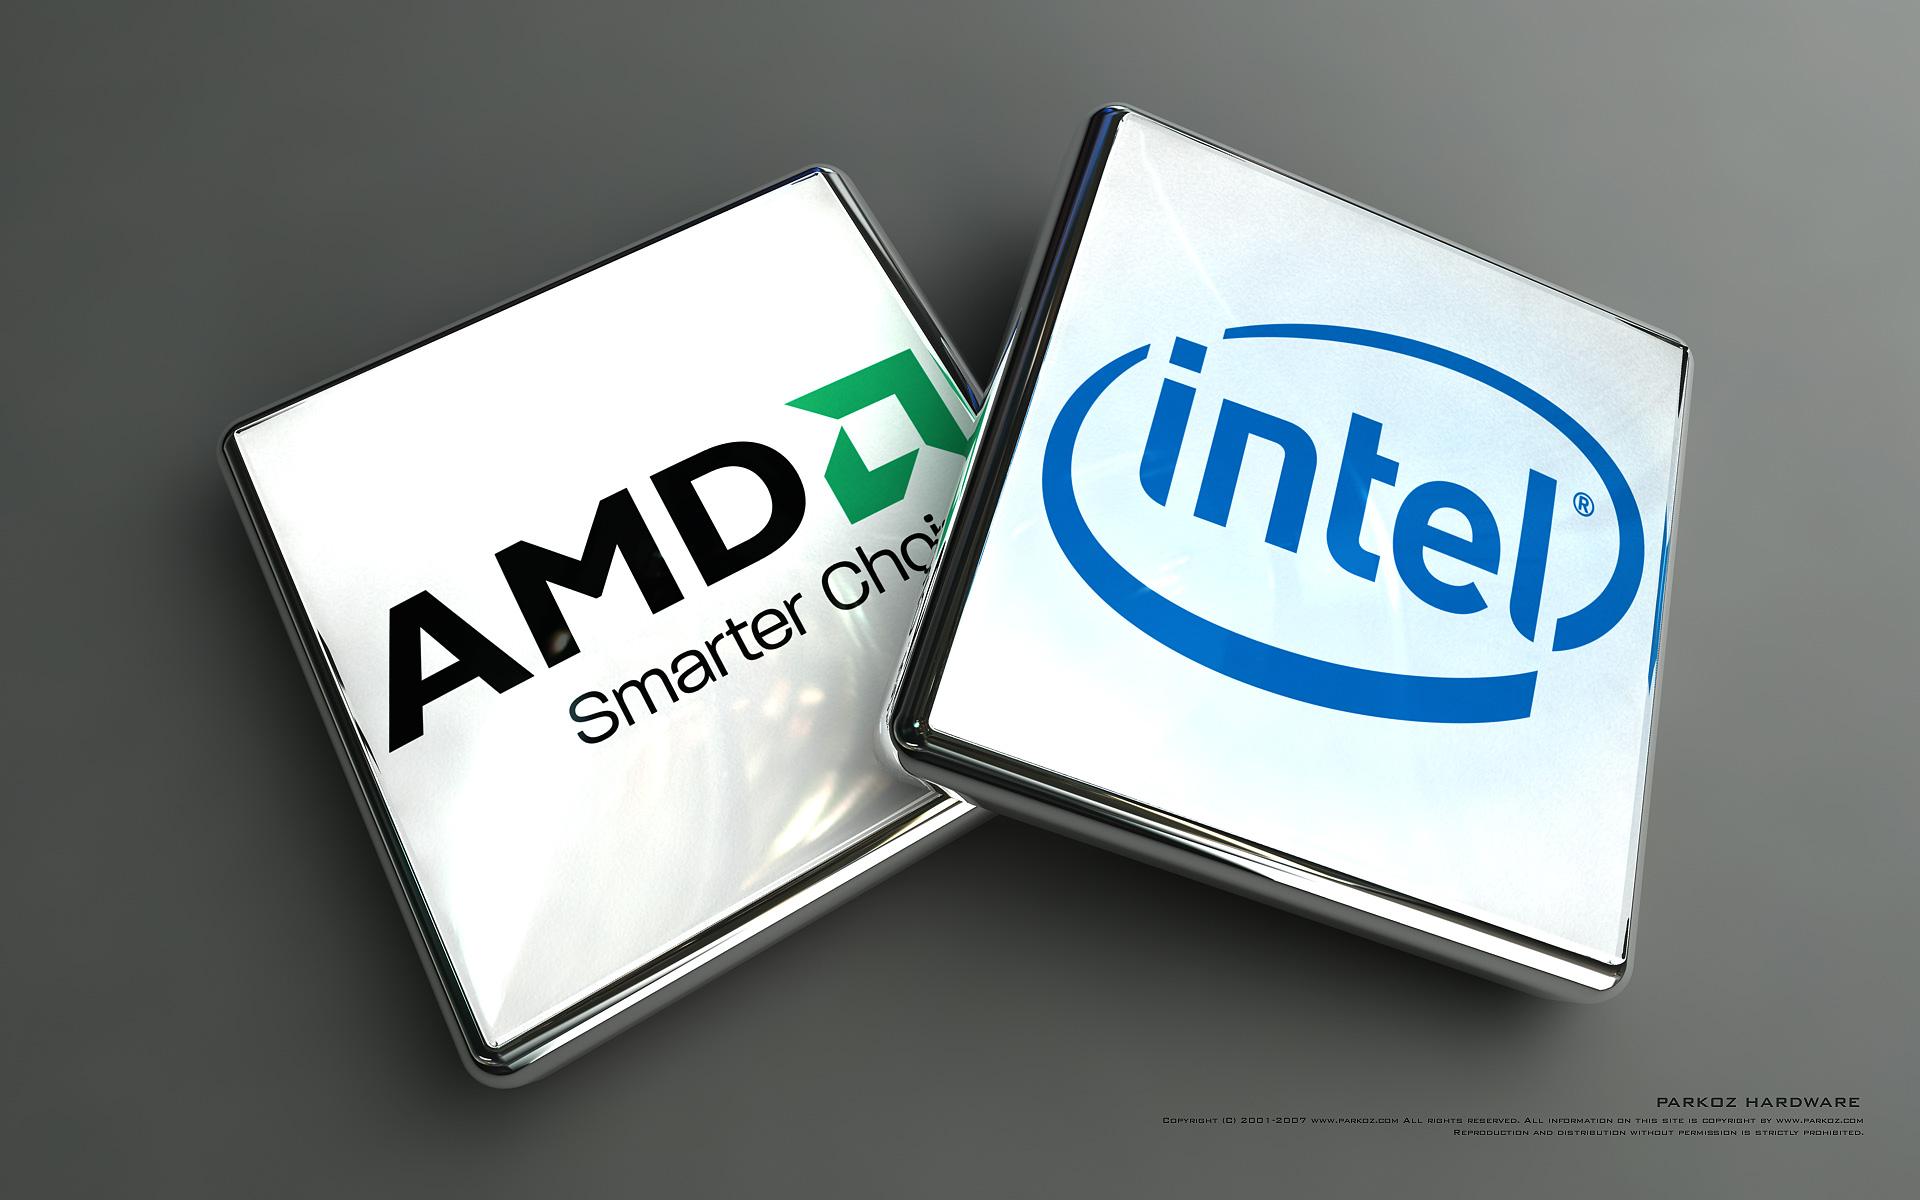 Intel et AMD : entre partenariat stratégique et concurrence